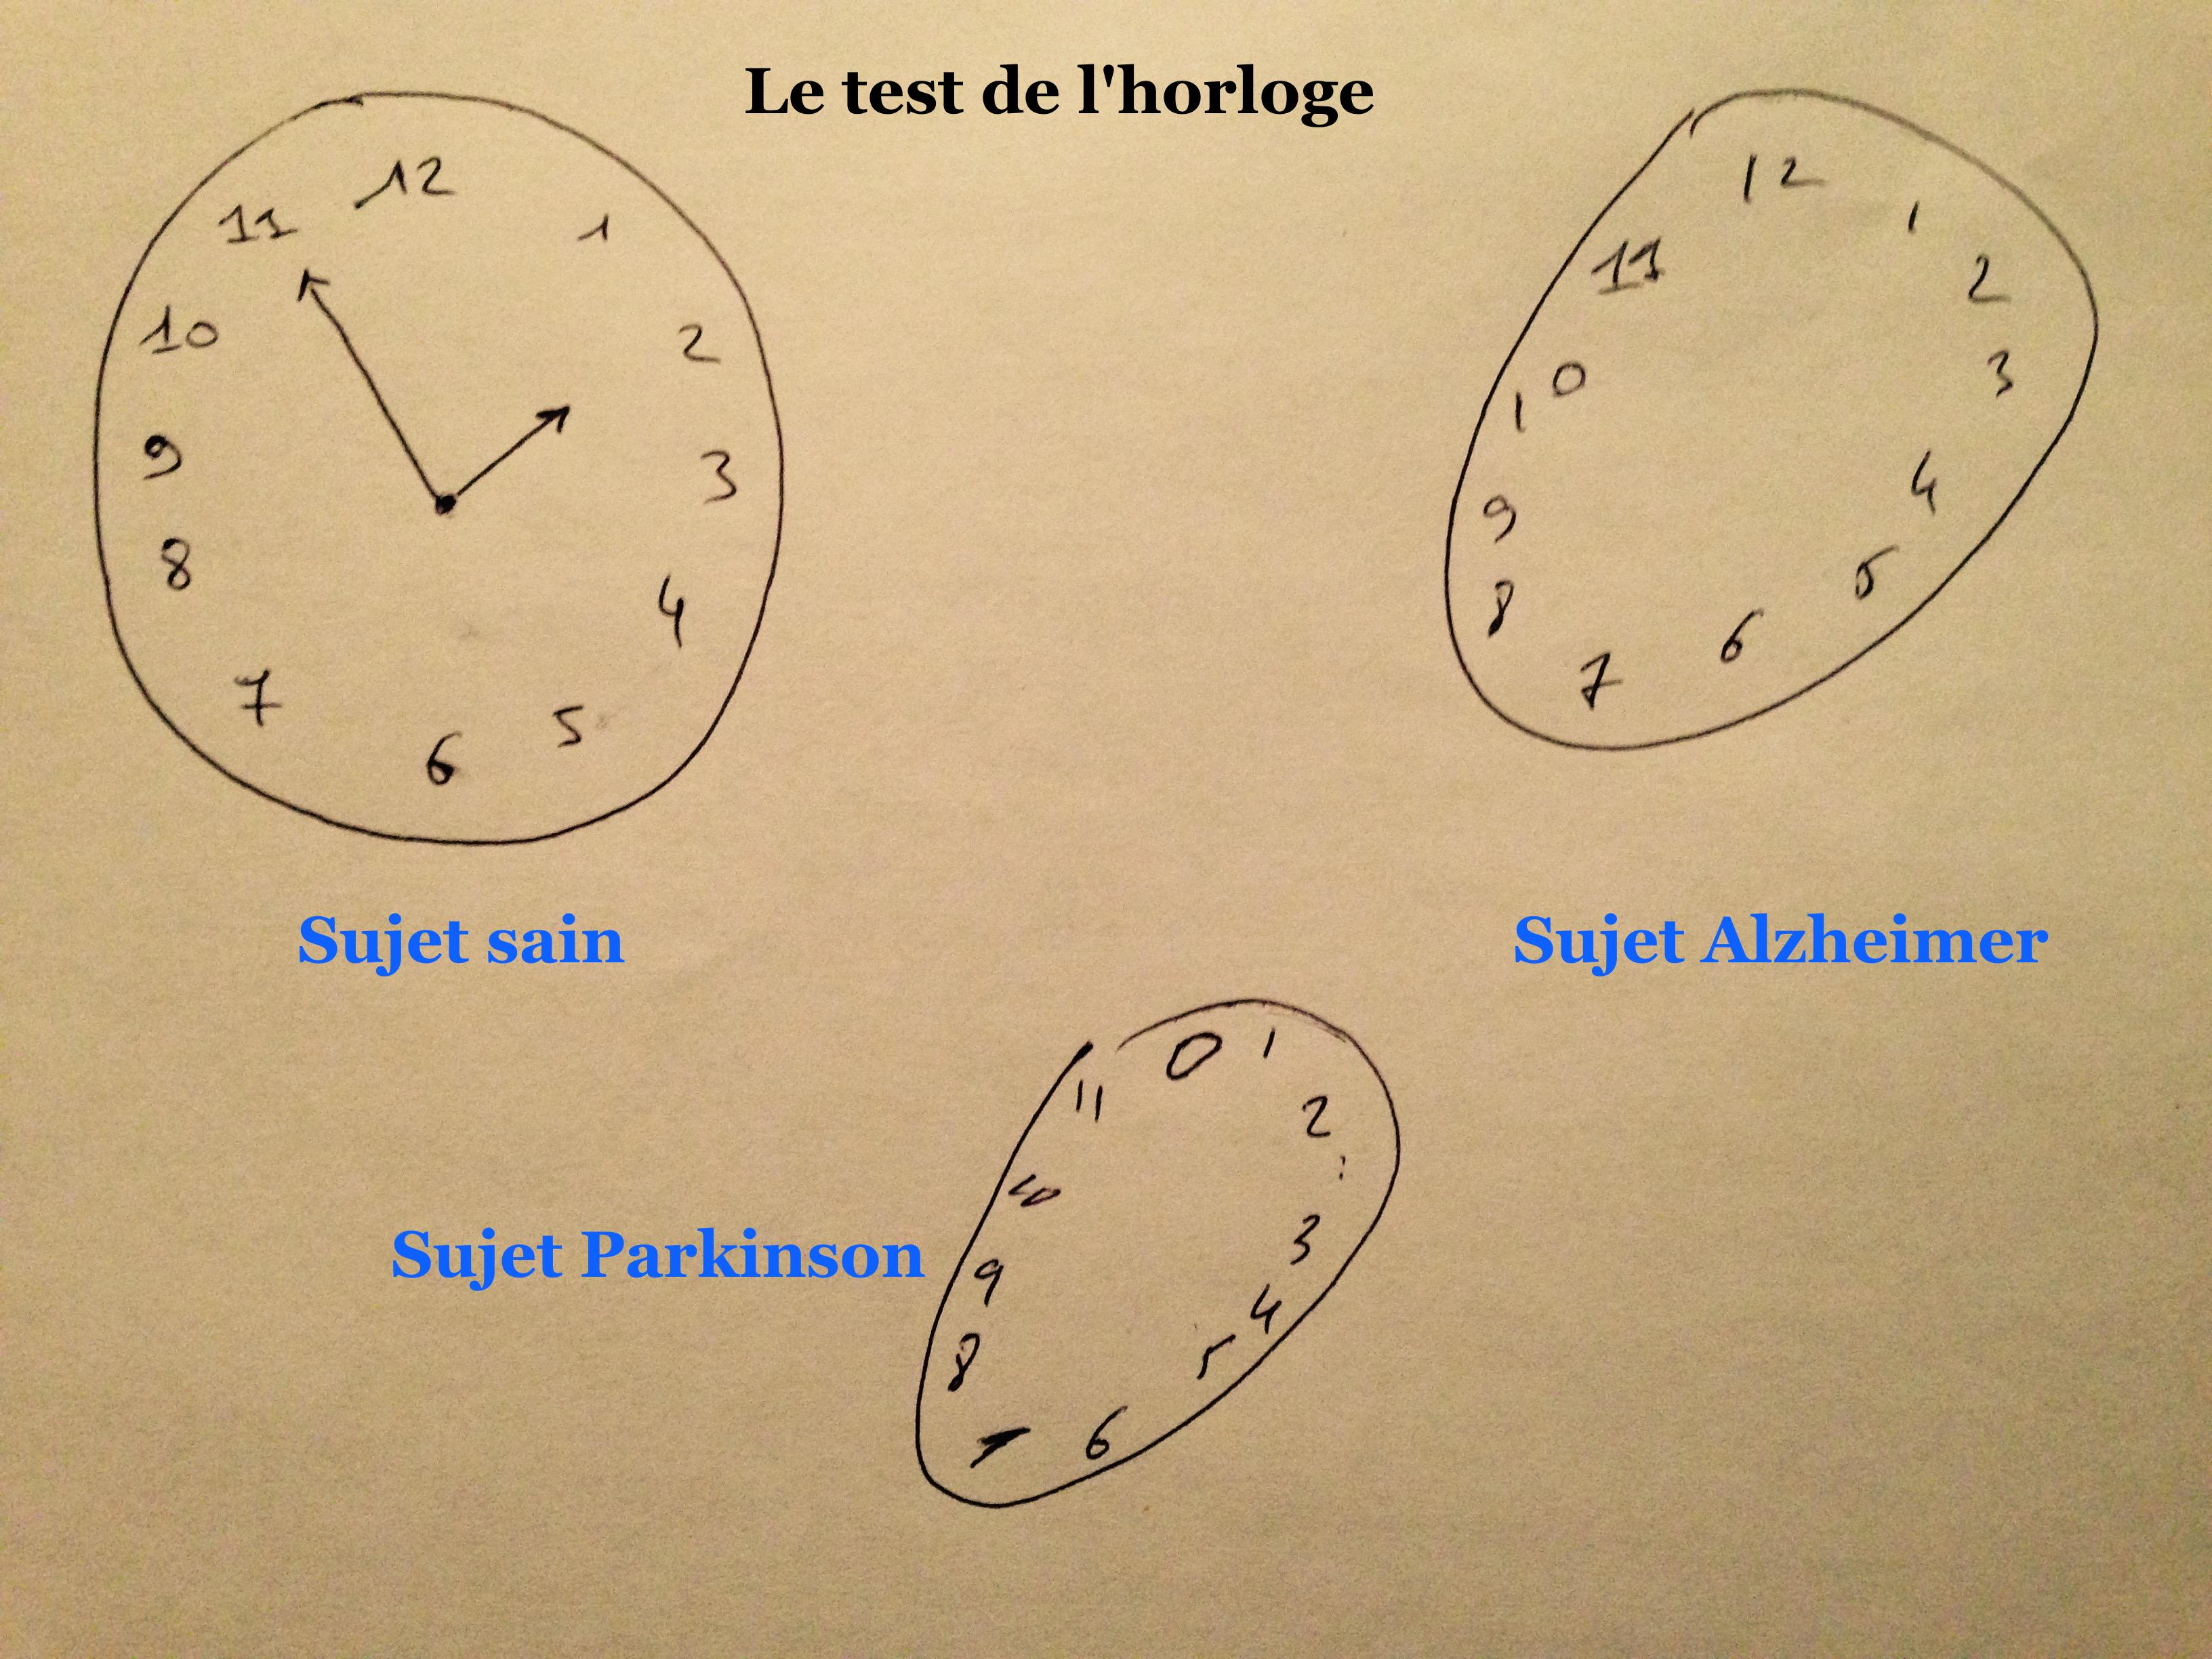 test horloge alzheimer